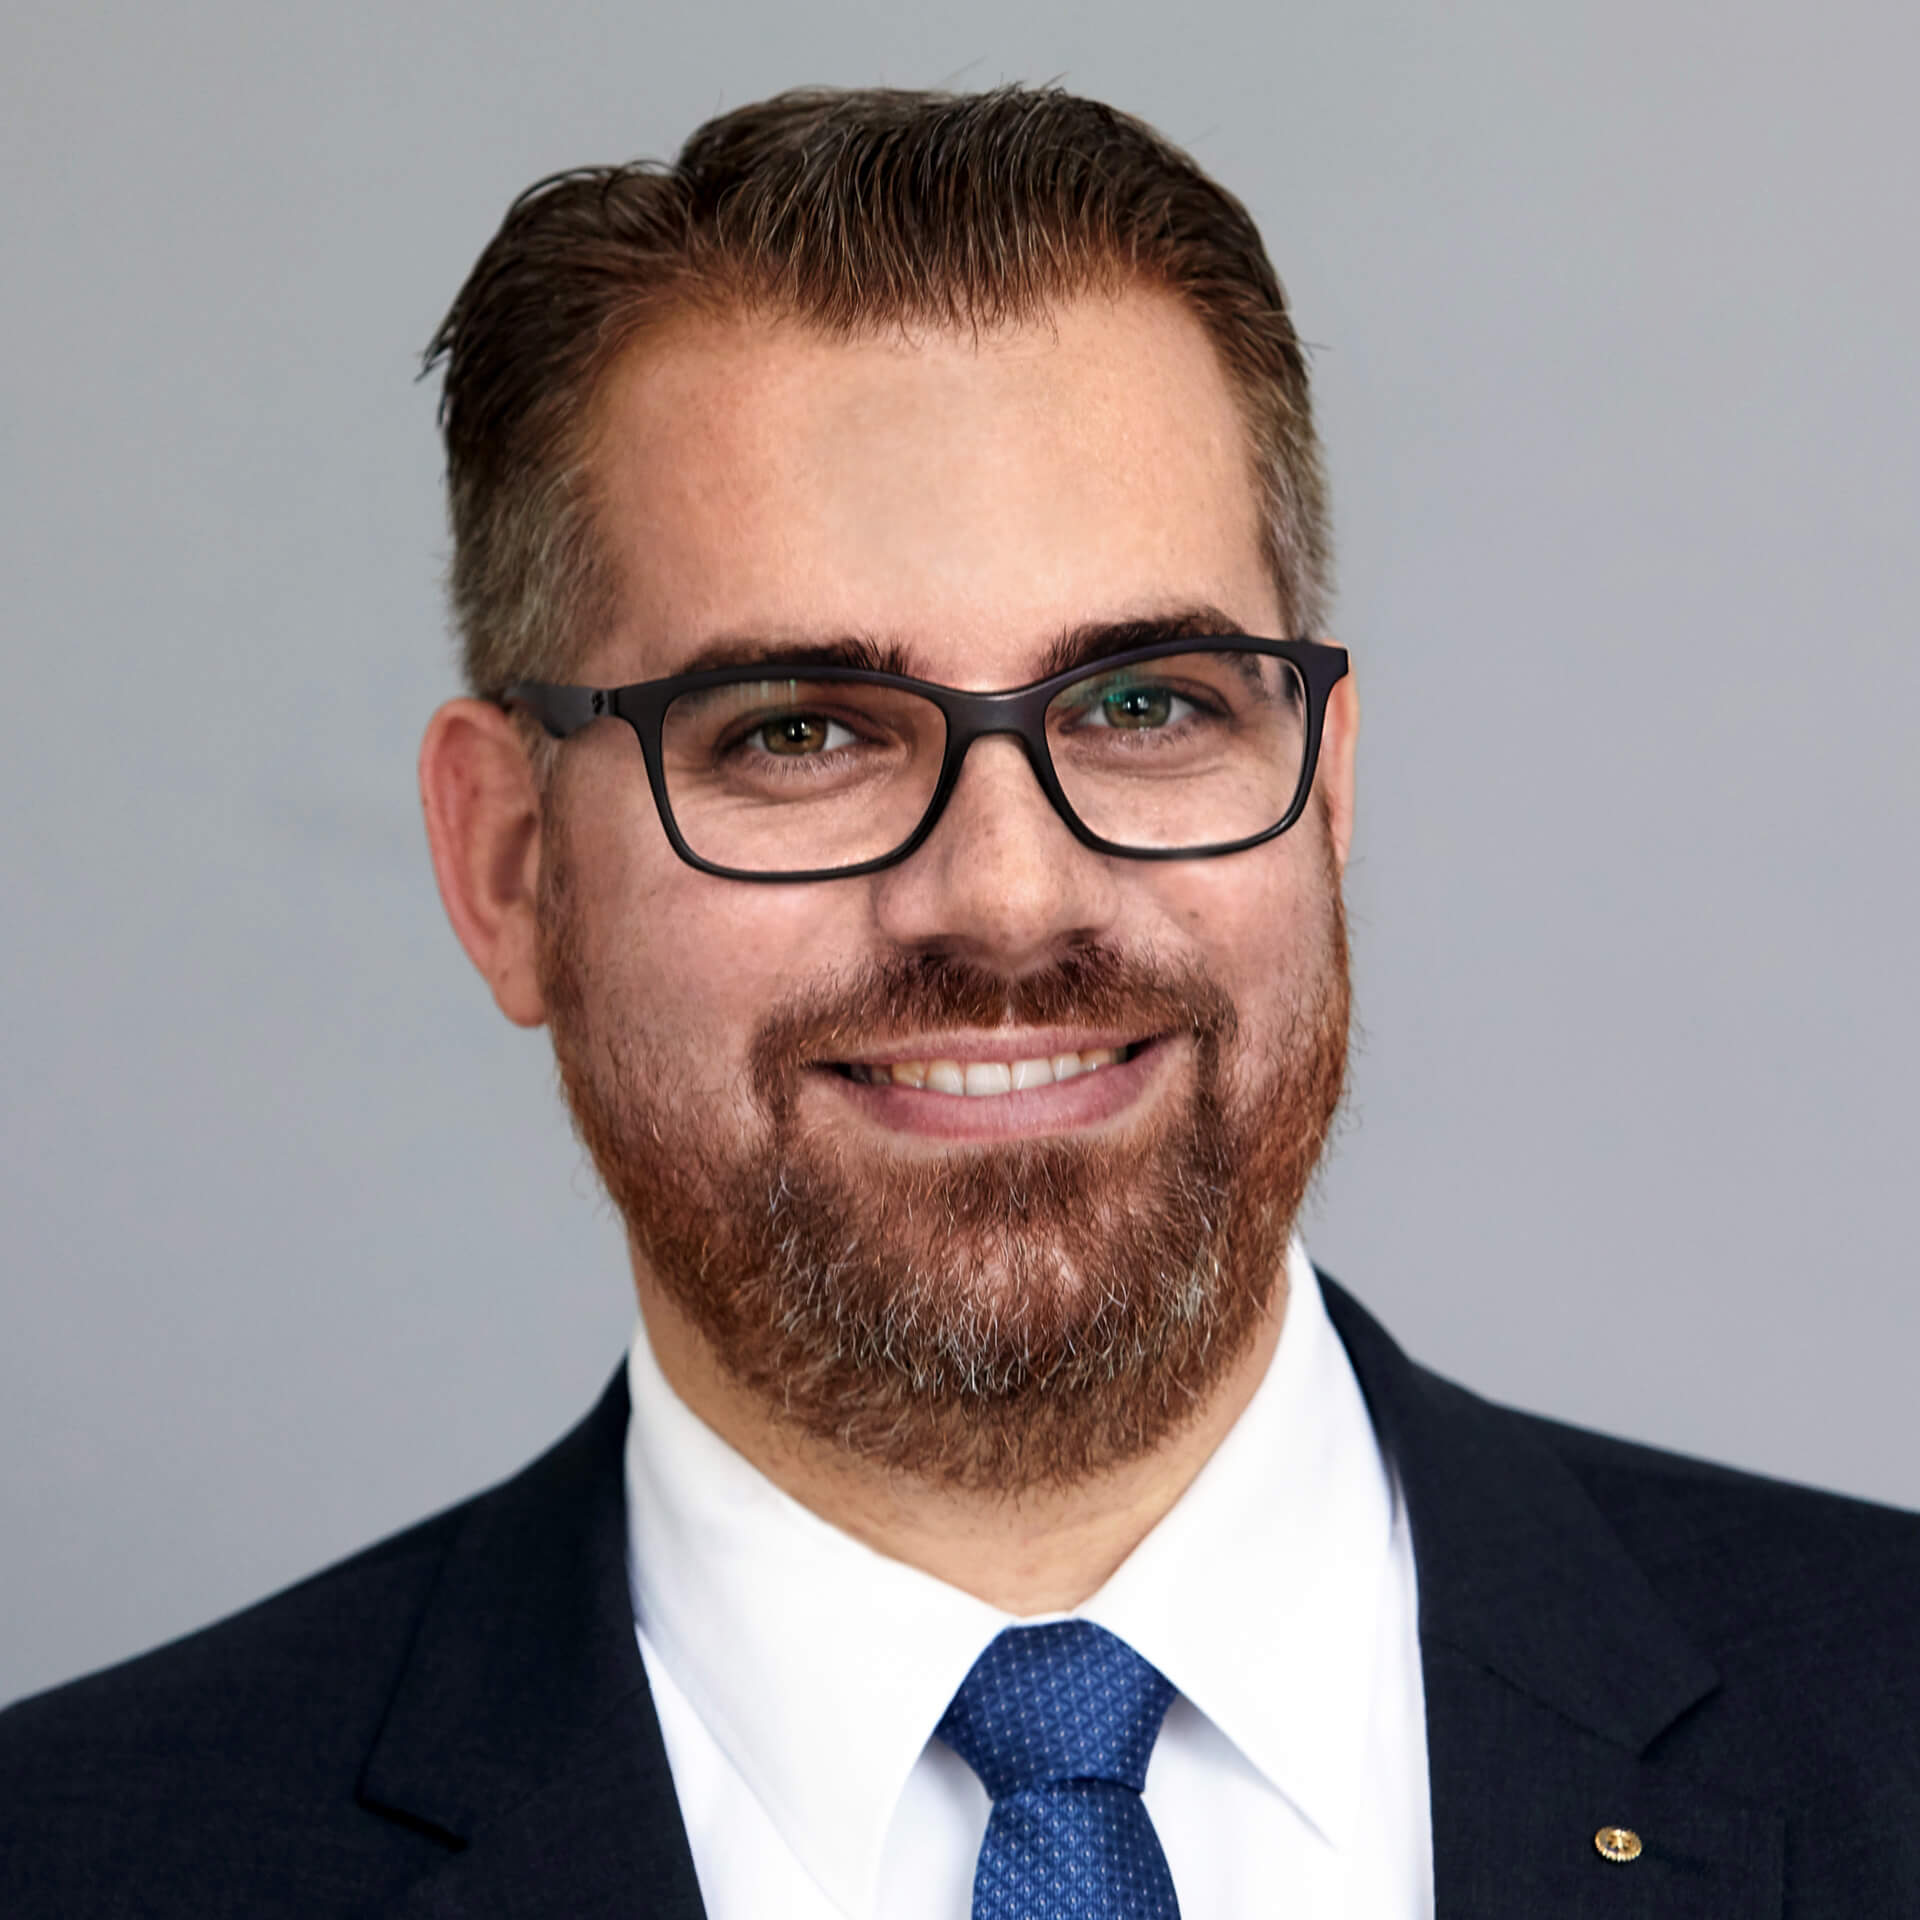 Dr. Moritz Bermel